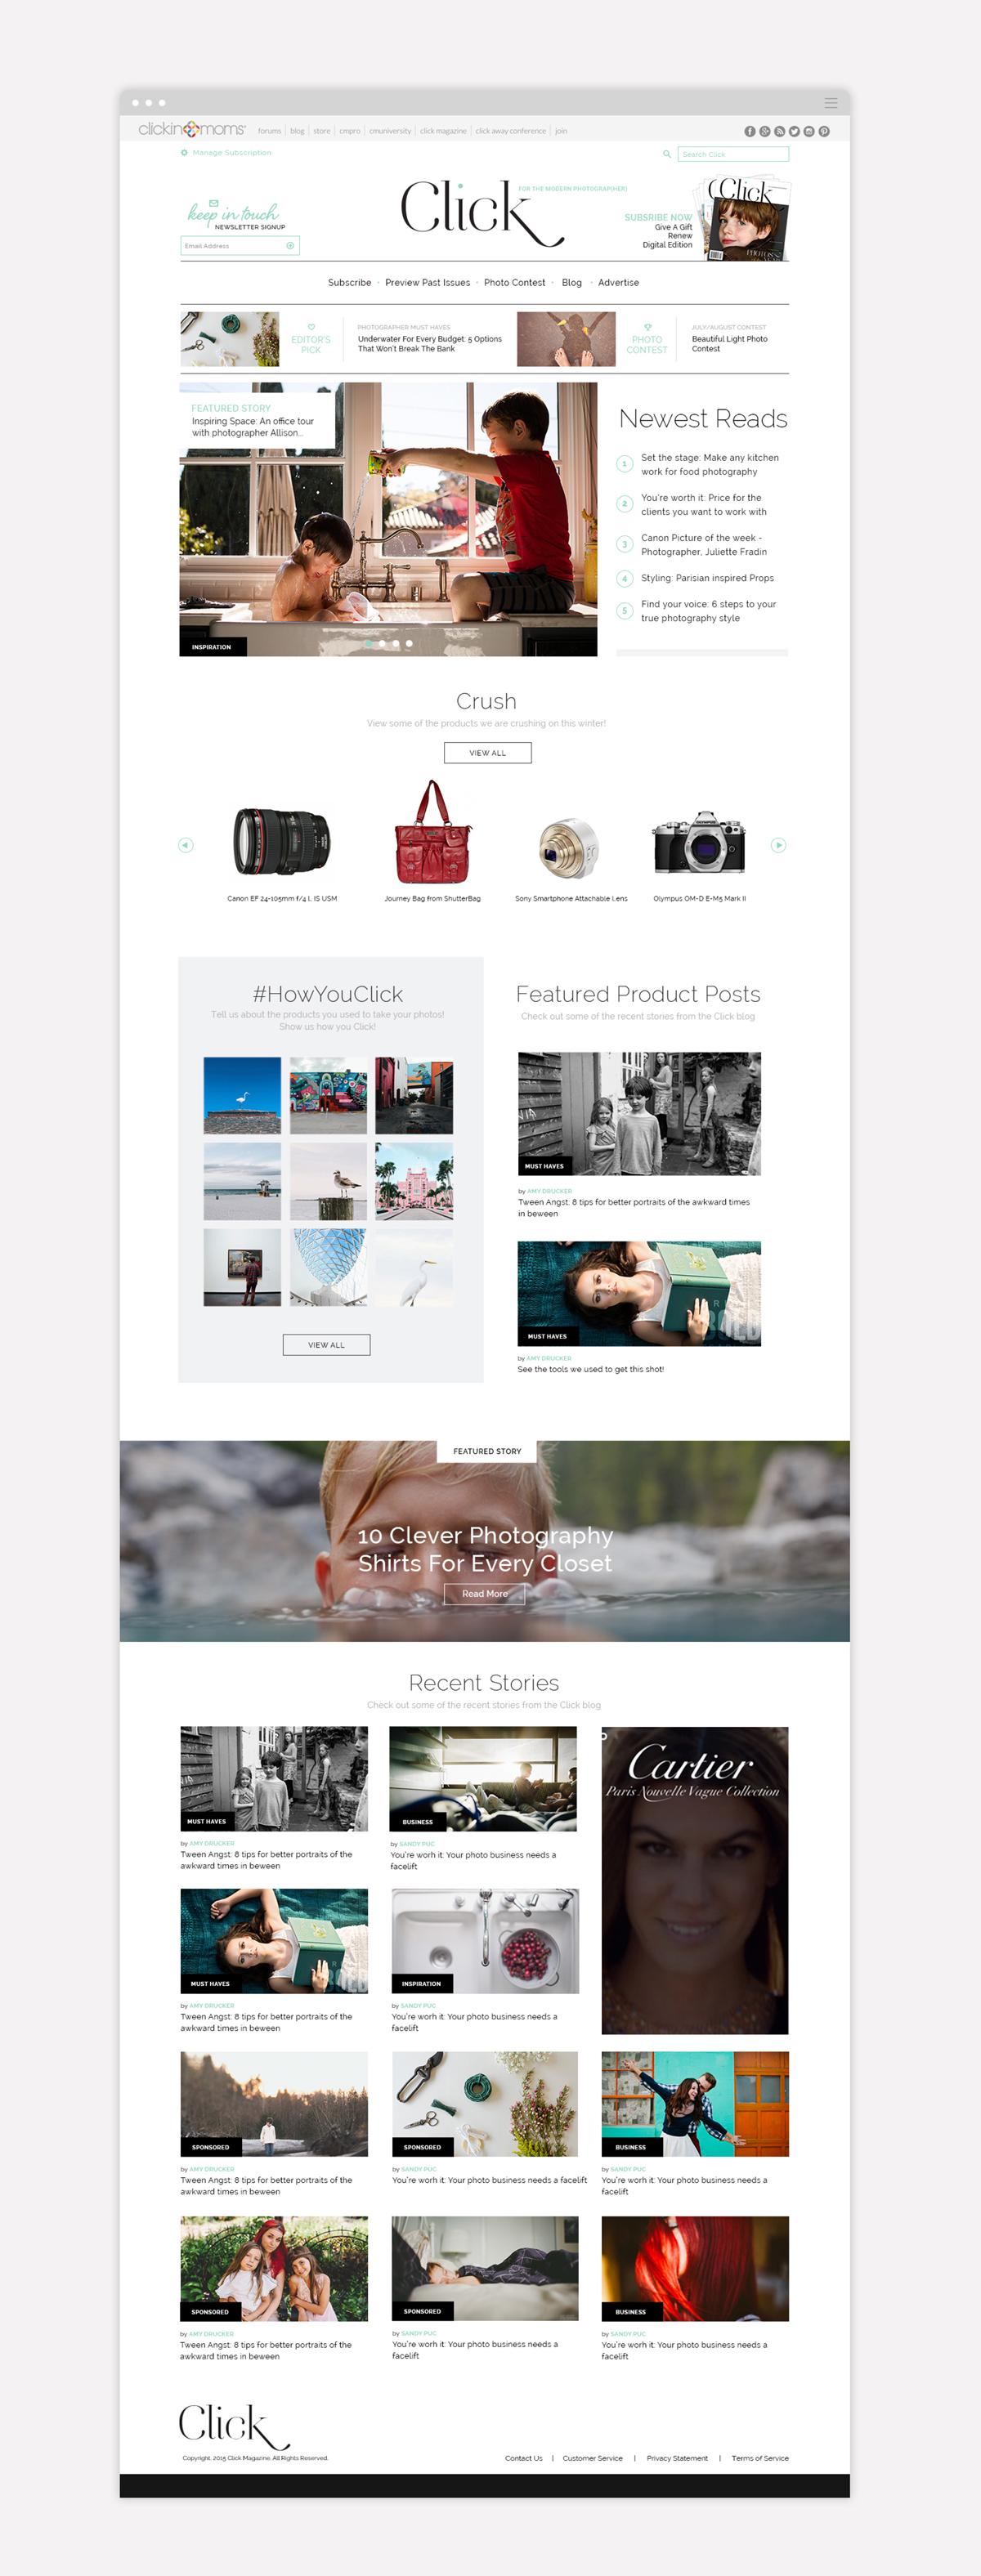 Click Site Design